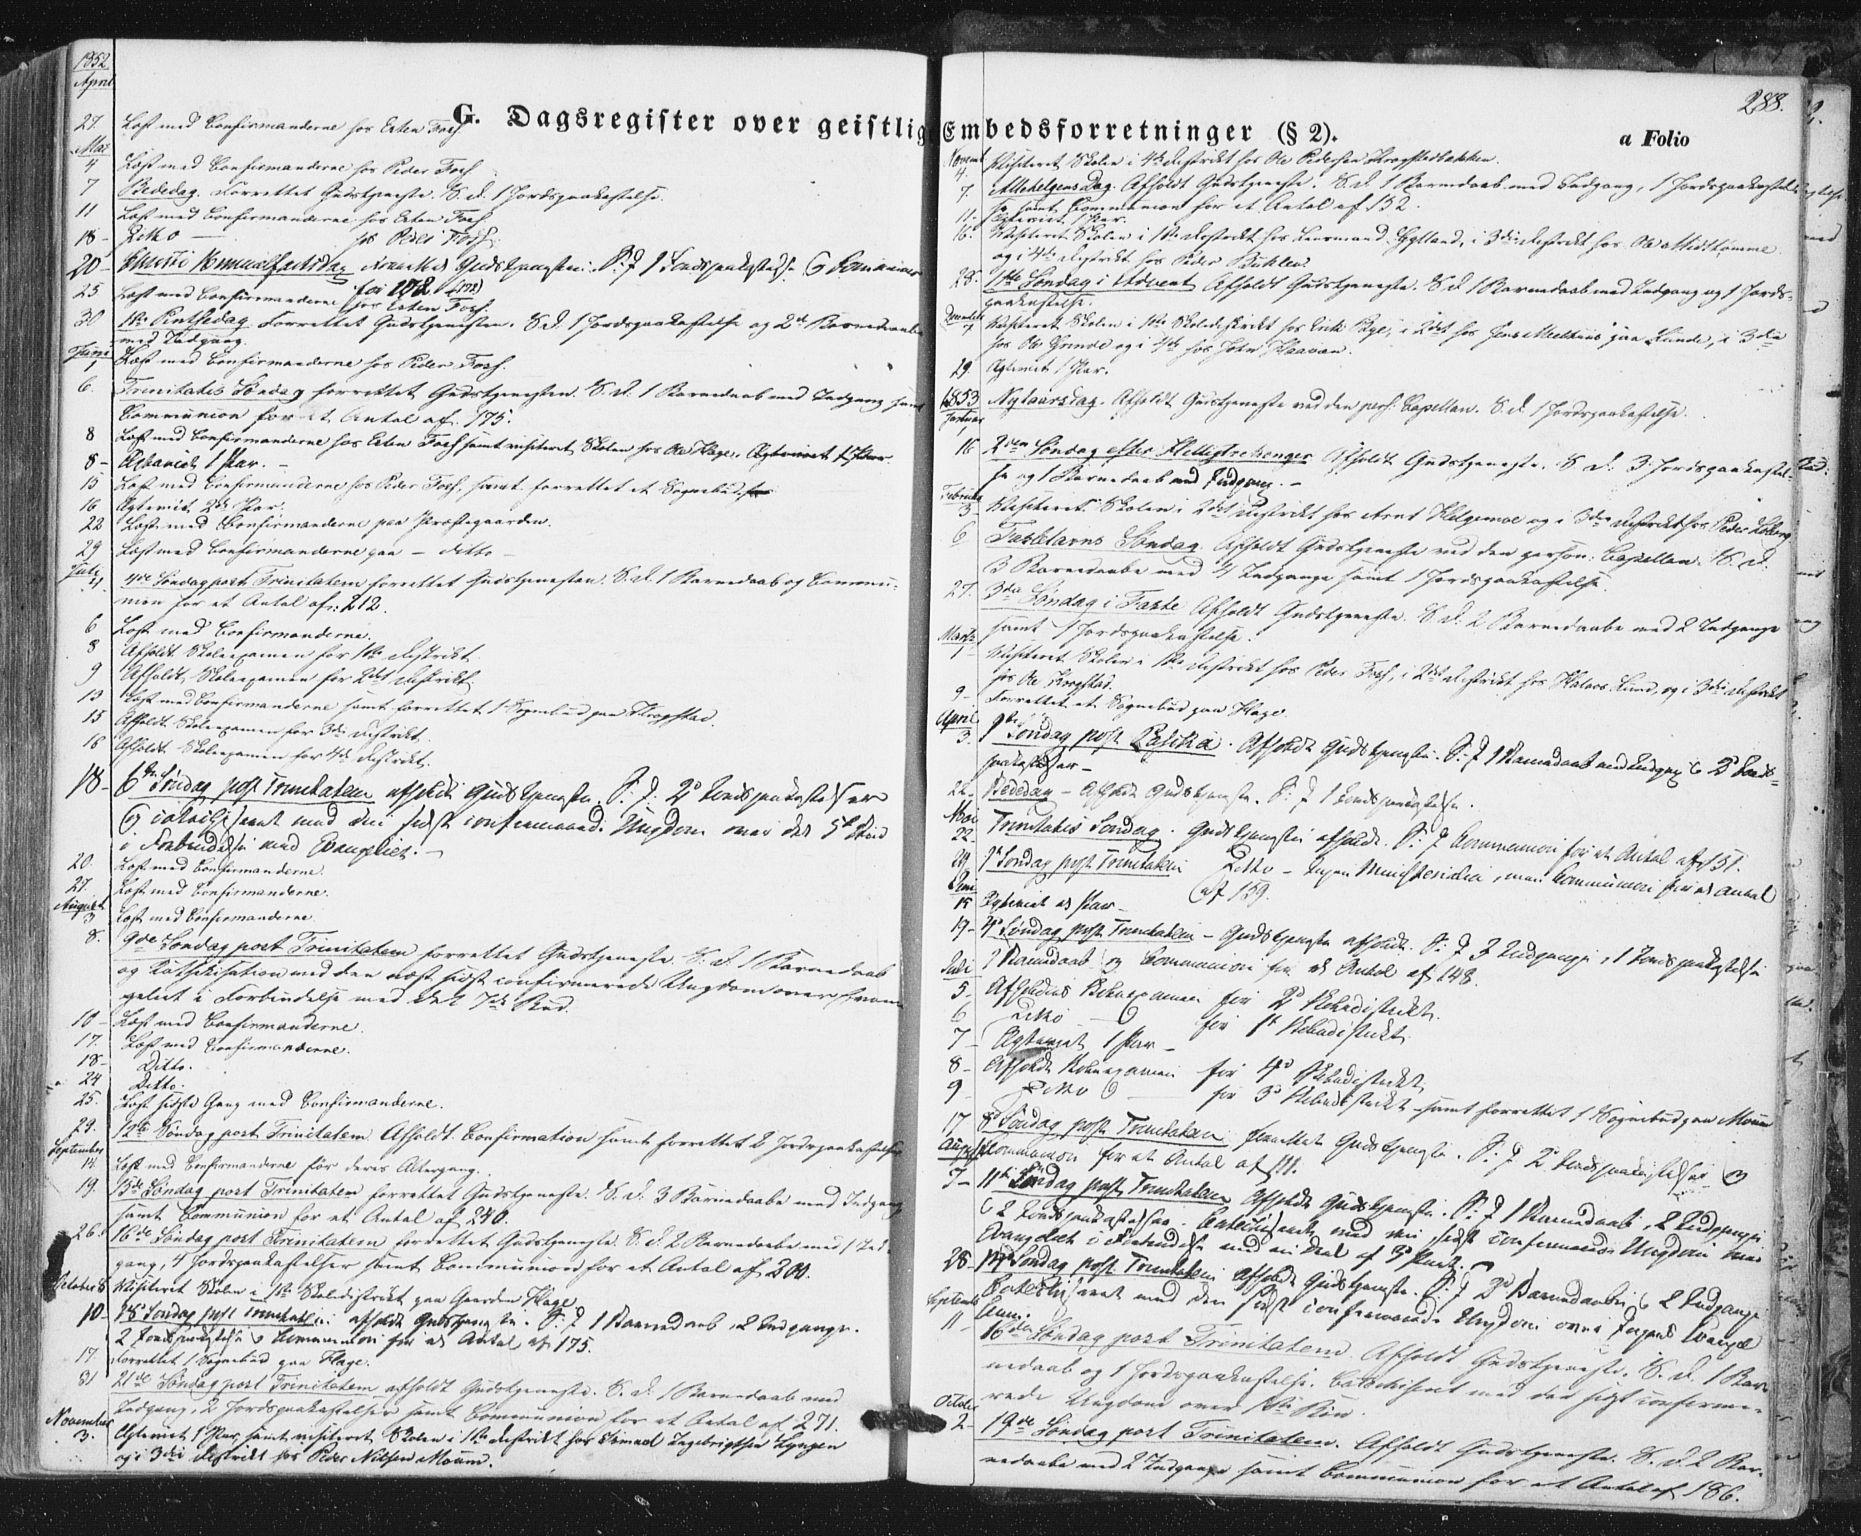 SAT, Ministerialprotokoller, klokkerbøker og fødselsregistre - Sør-Trøndelag, 692/L1103: Ministerialbok nr. 692A03, 1849-1870, s. 288